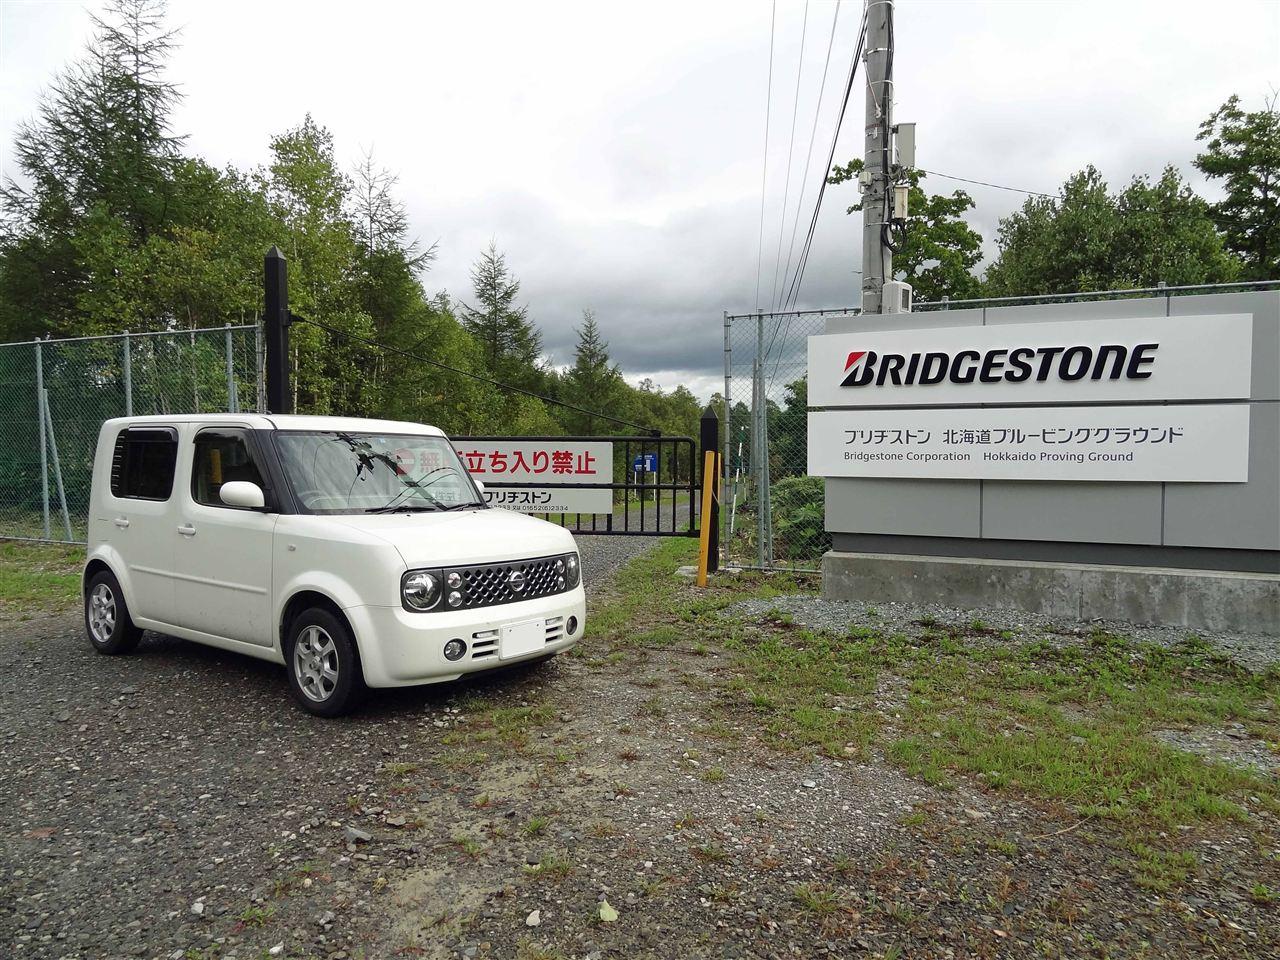 実家がある北海道士別市とその周辺の自動車試験場